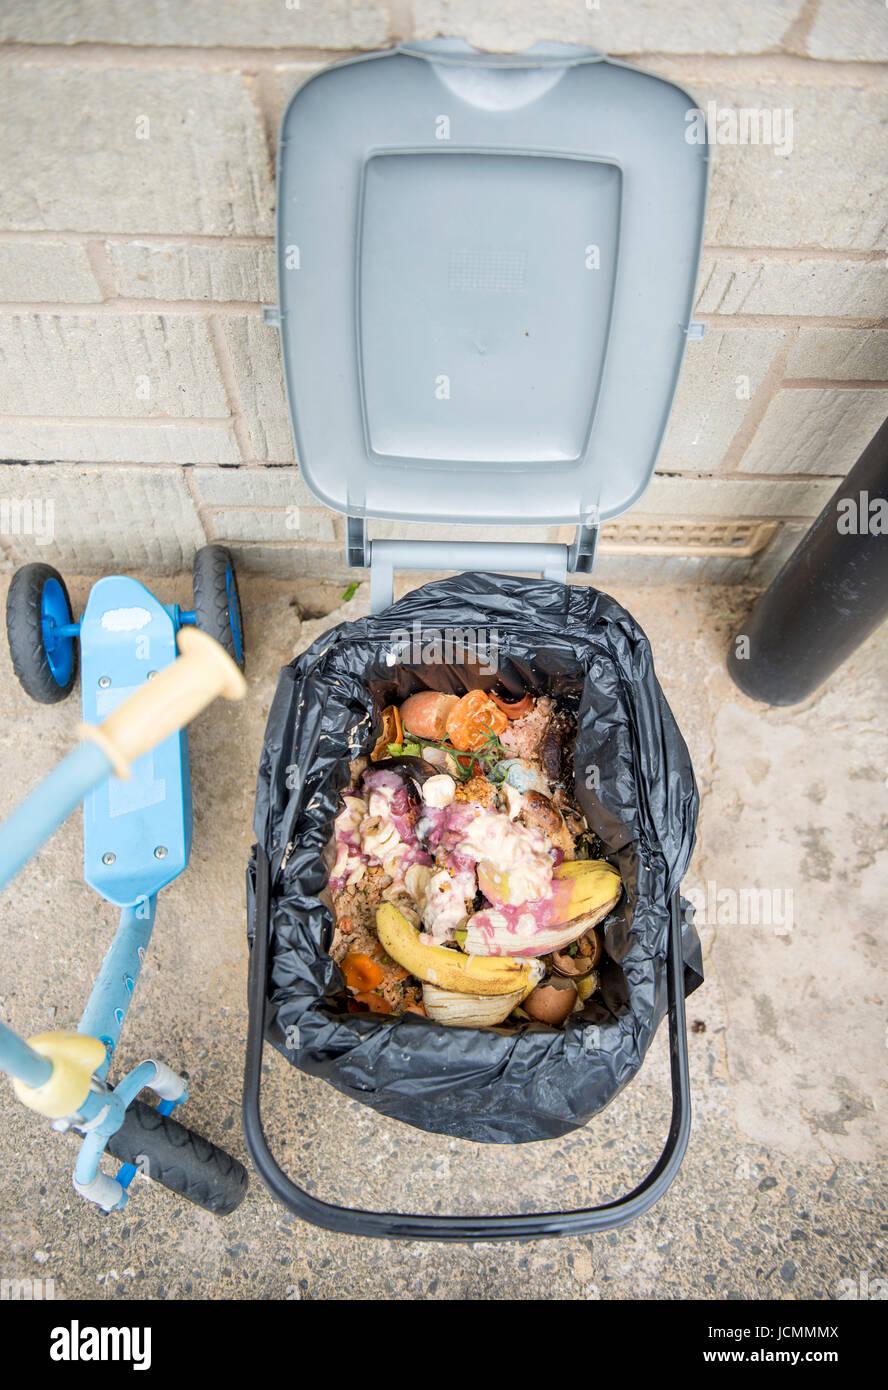 Eine einheimische Küche Abfallbehälter, mit Maden befallen Stockfoto ...